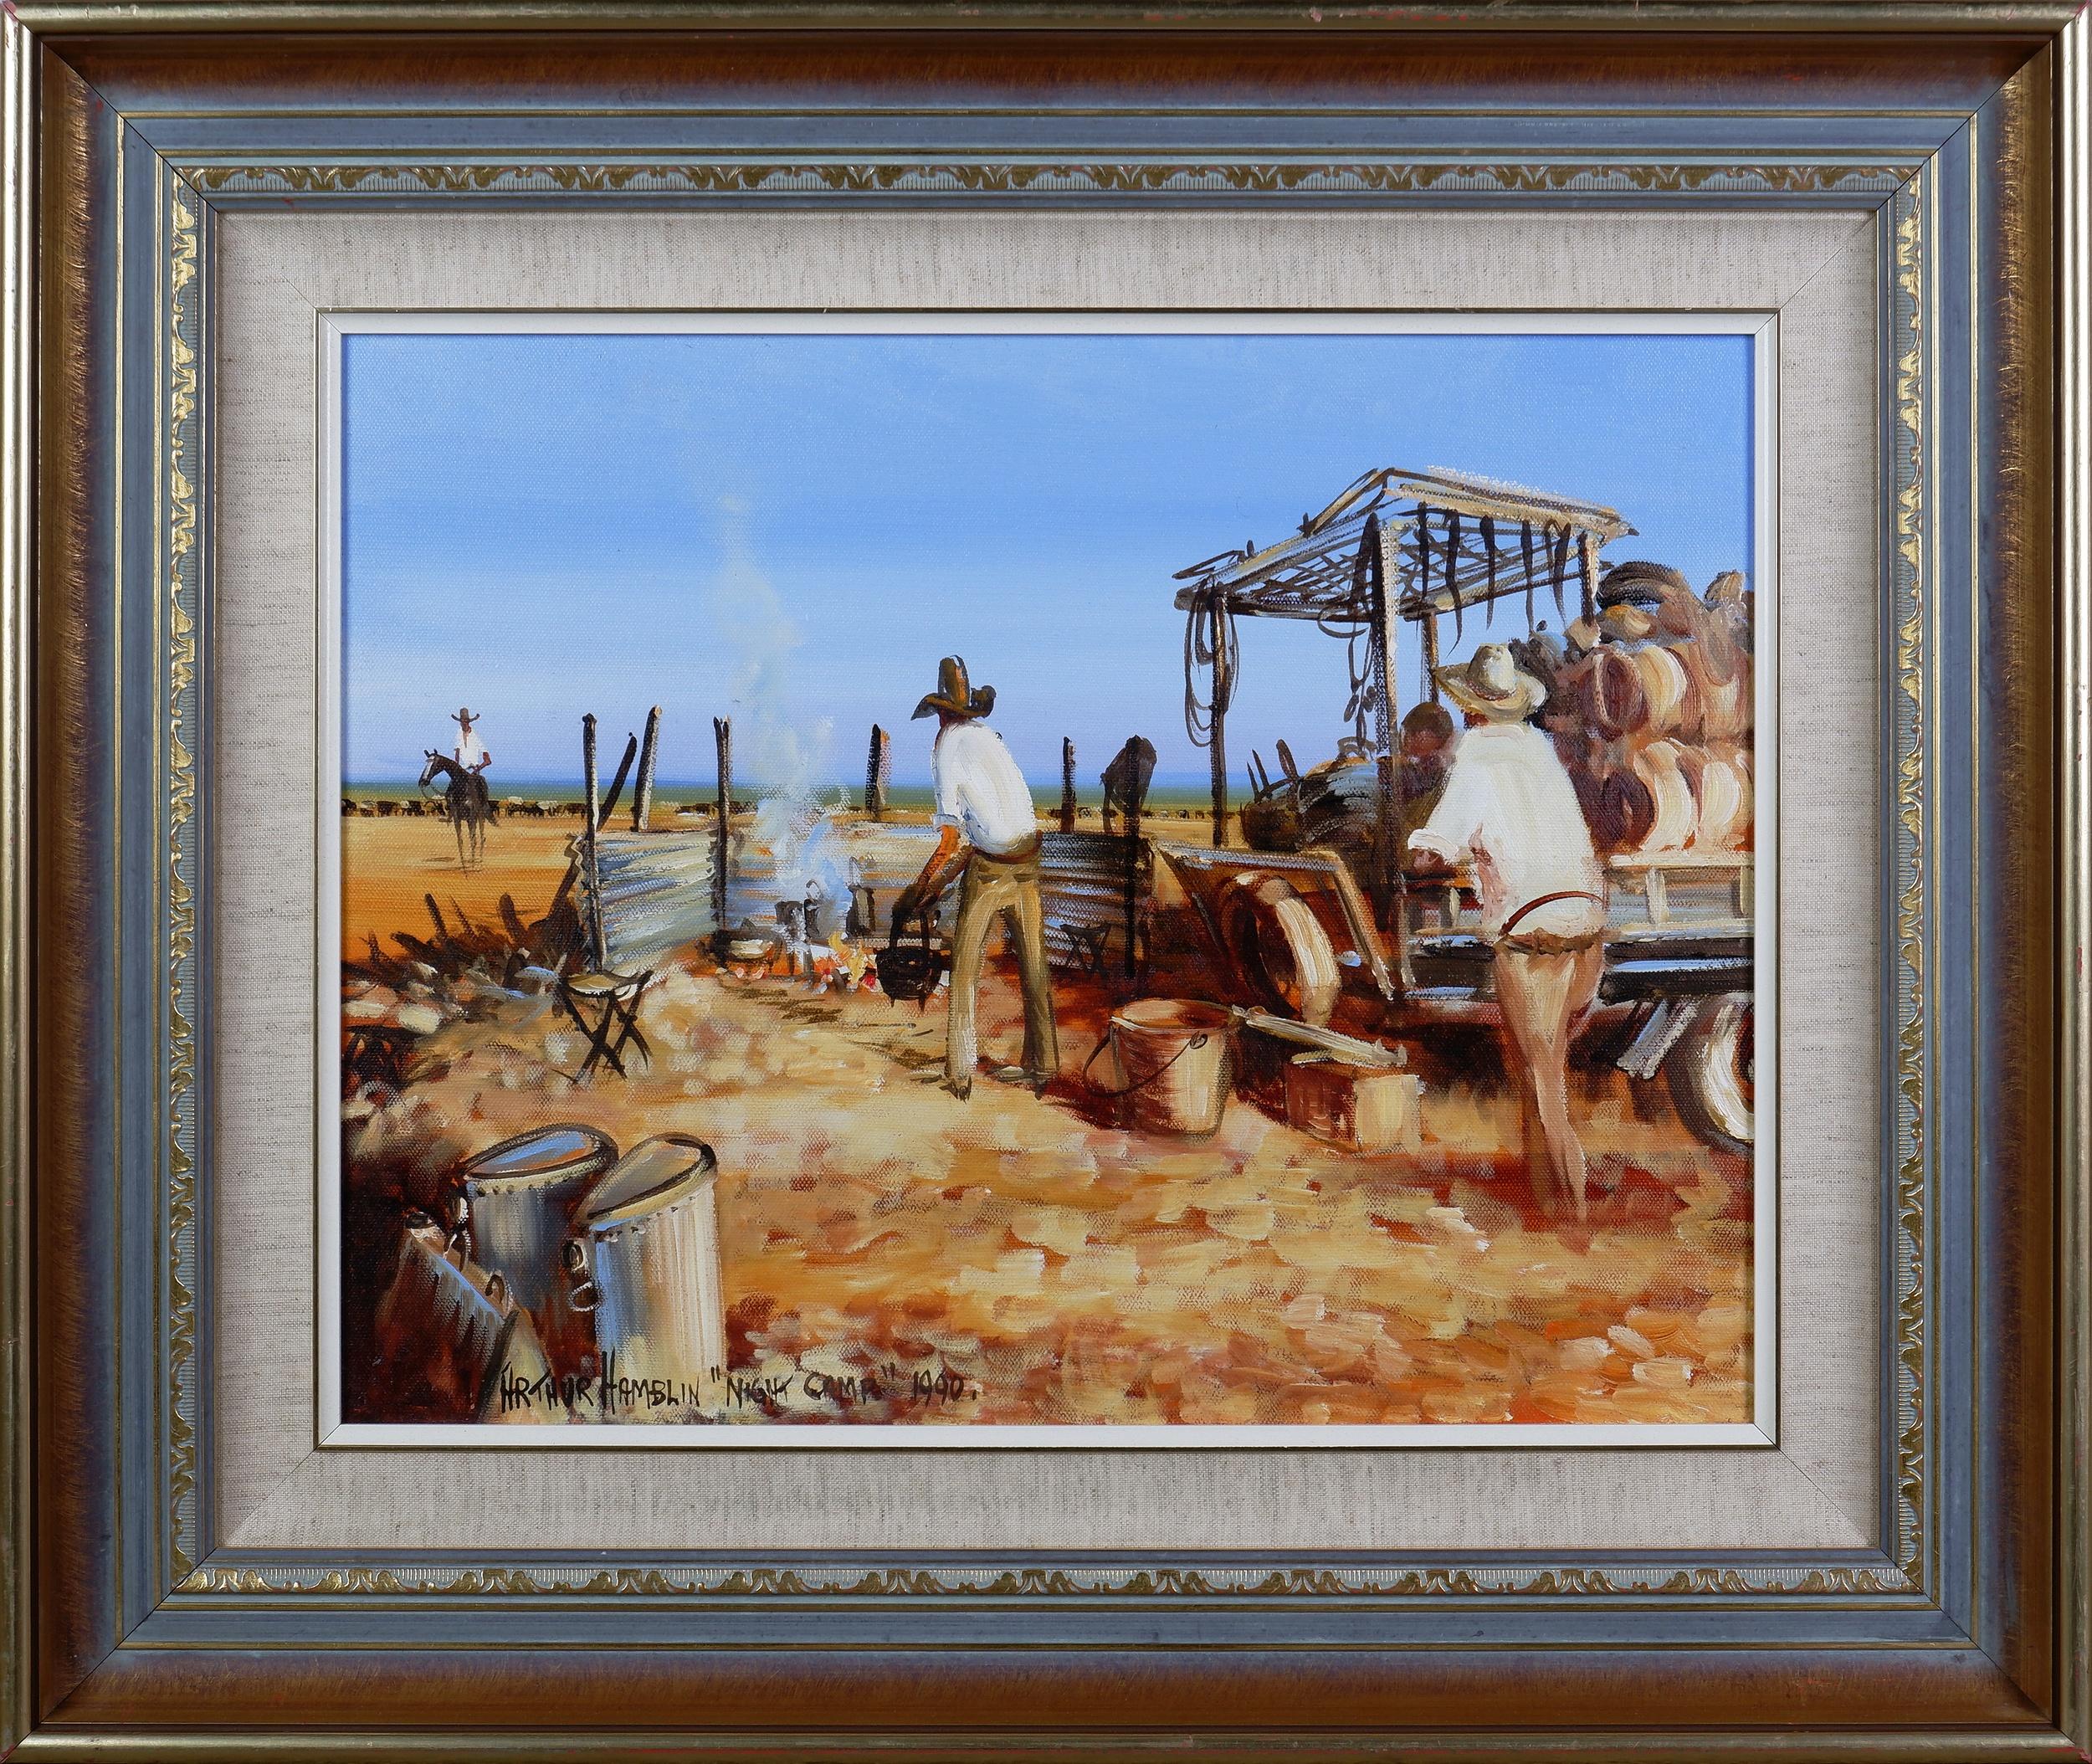 'Arthur Hamblin (born 1933), Night Camp 1990, Oil on Canvas'